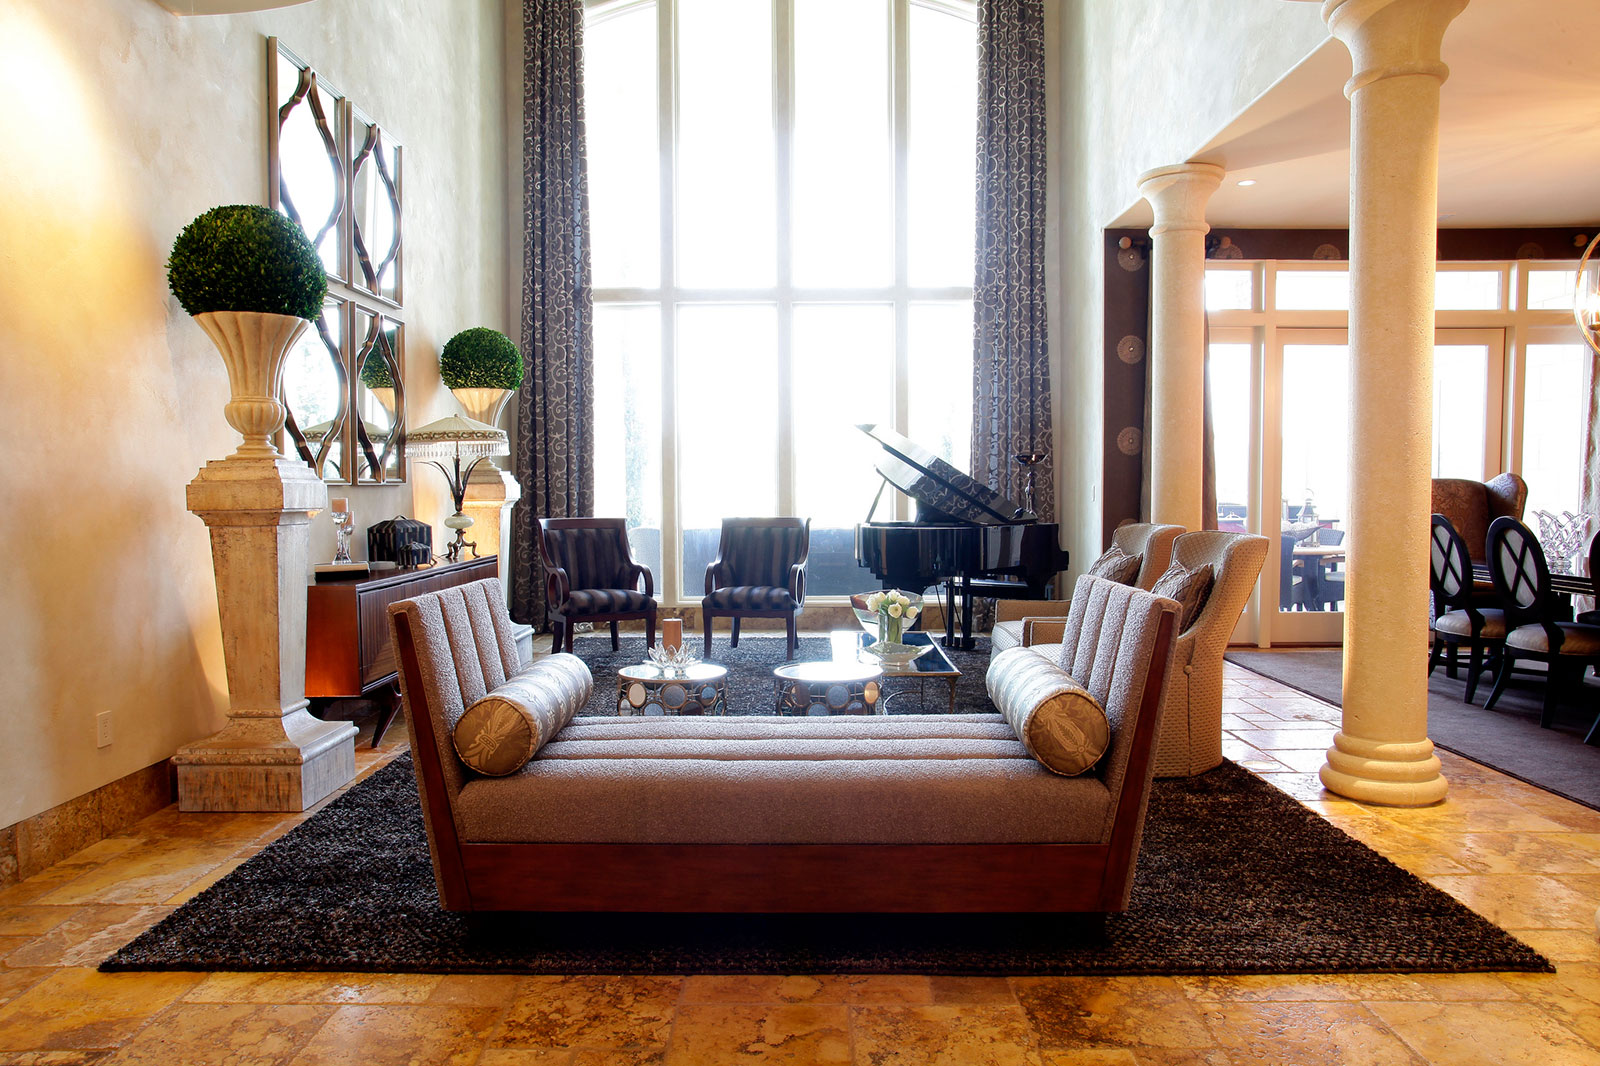 berkley-living-room-interior-design-4.jpg